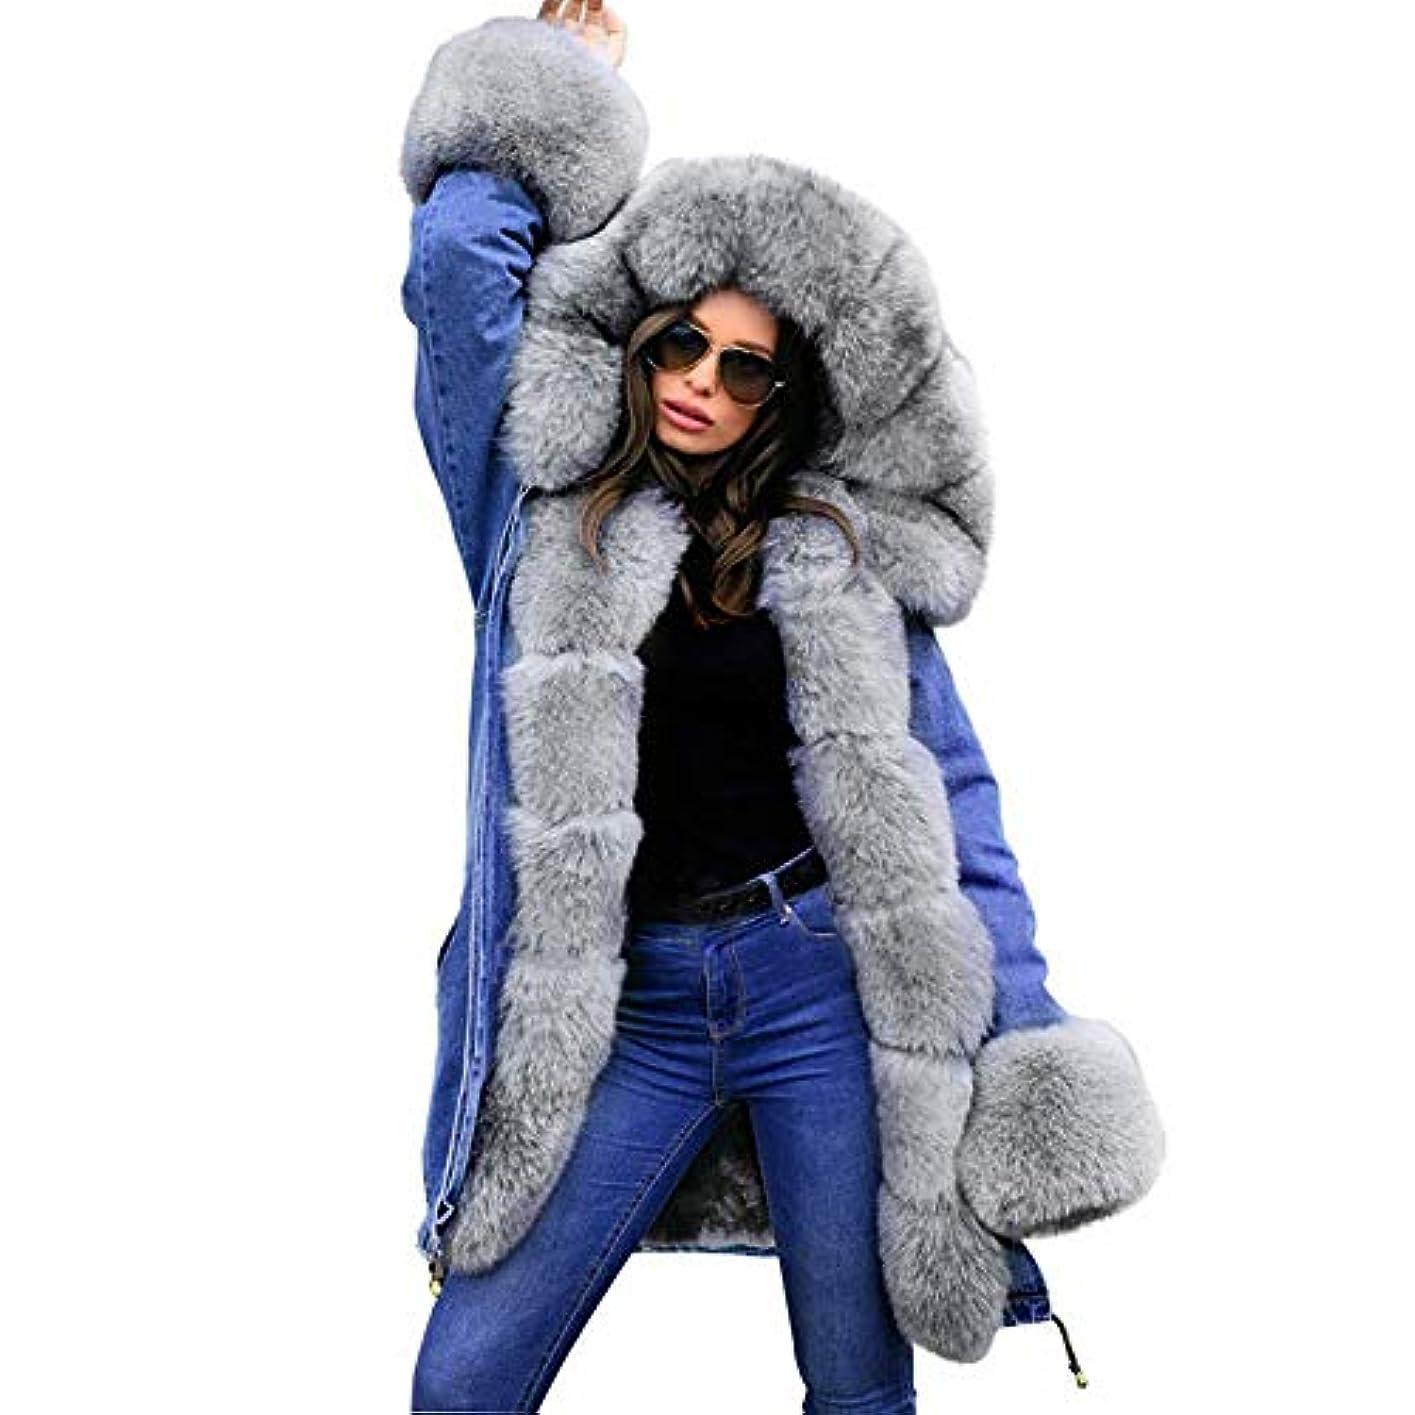 令状計算可能苦冬の女性のフード付きコートの毛皮の襟暖かいロングコートの女性の冬のジャケット女性のアウター,S